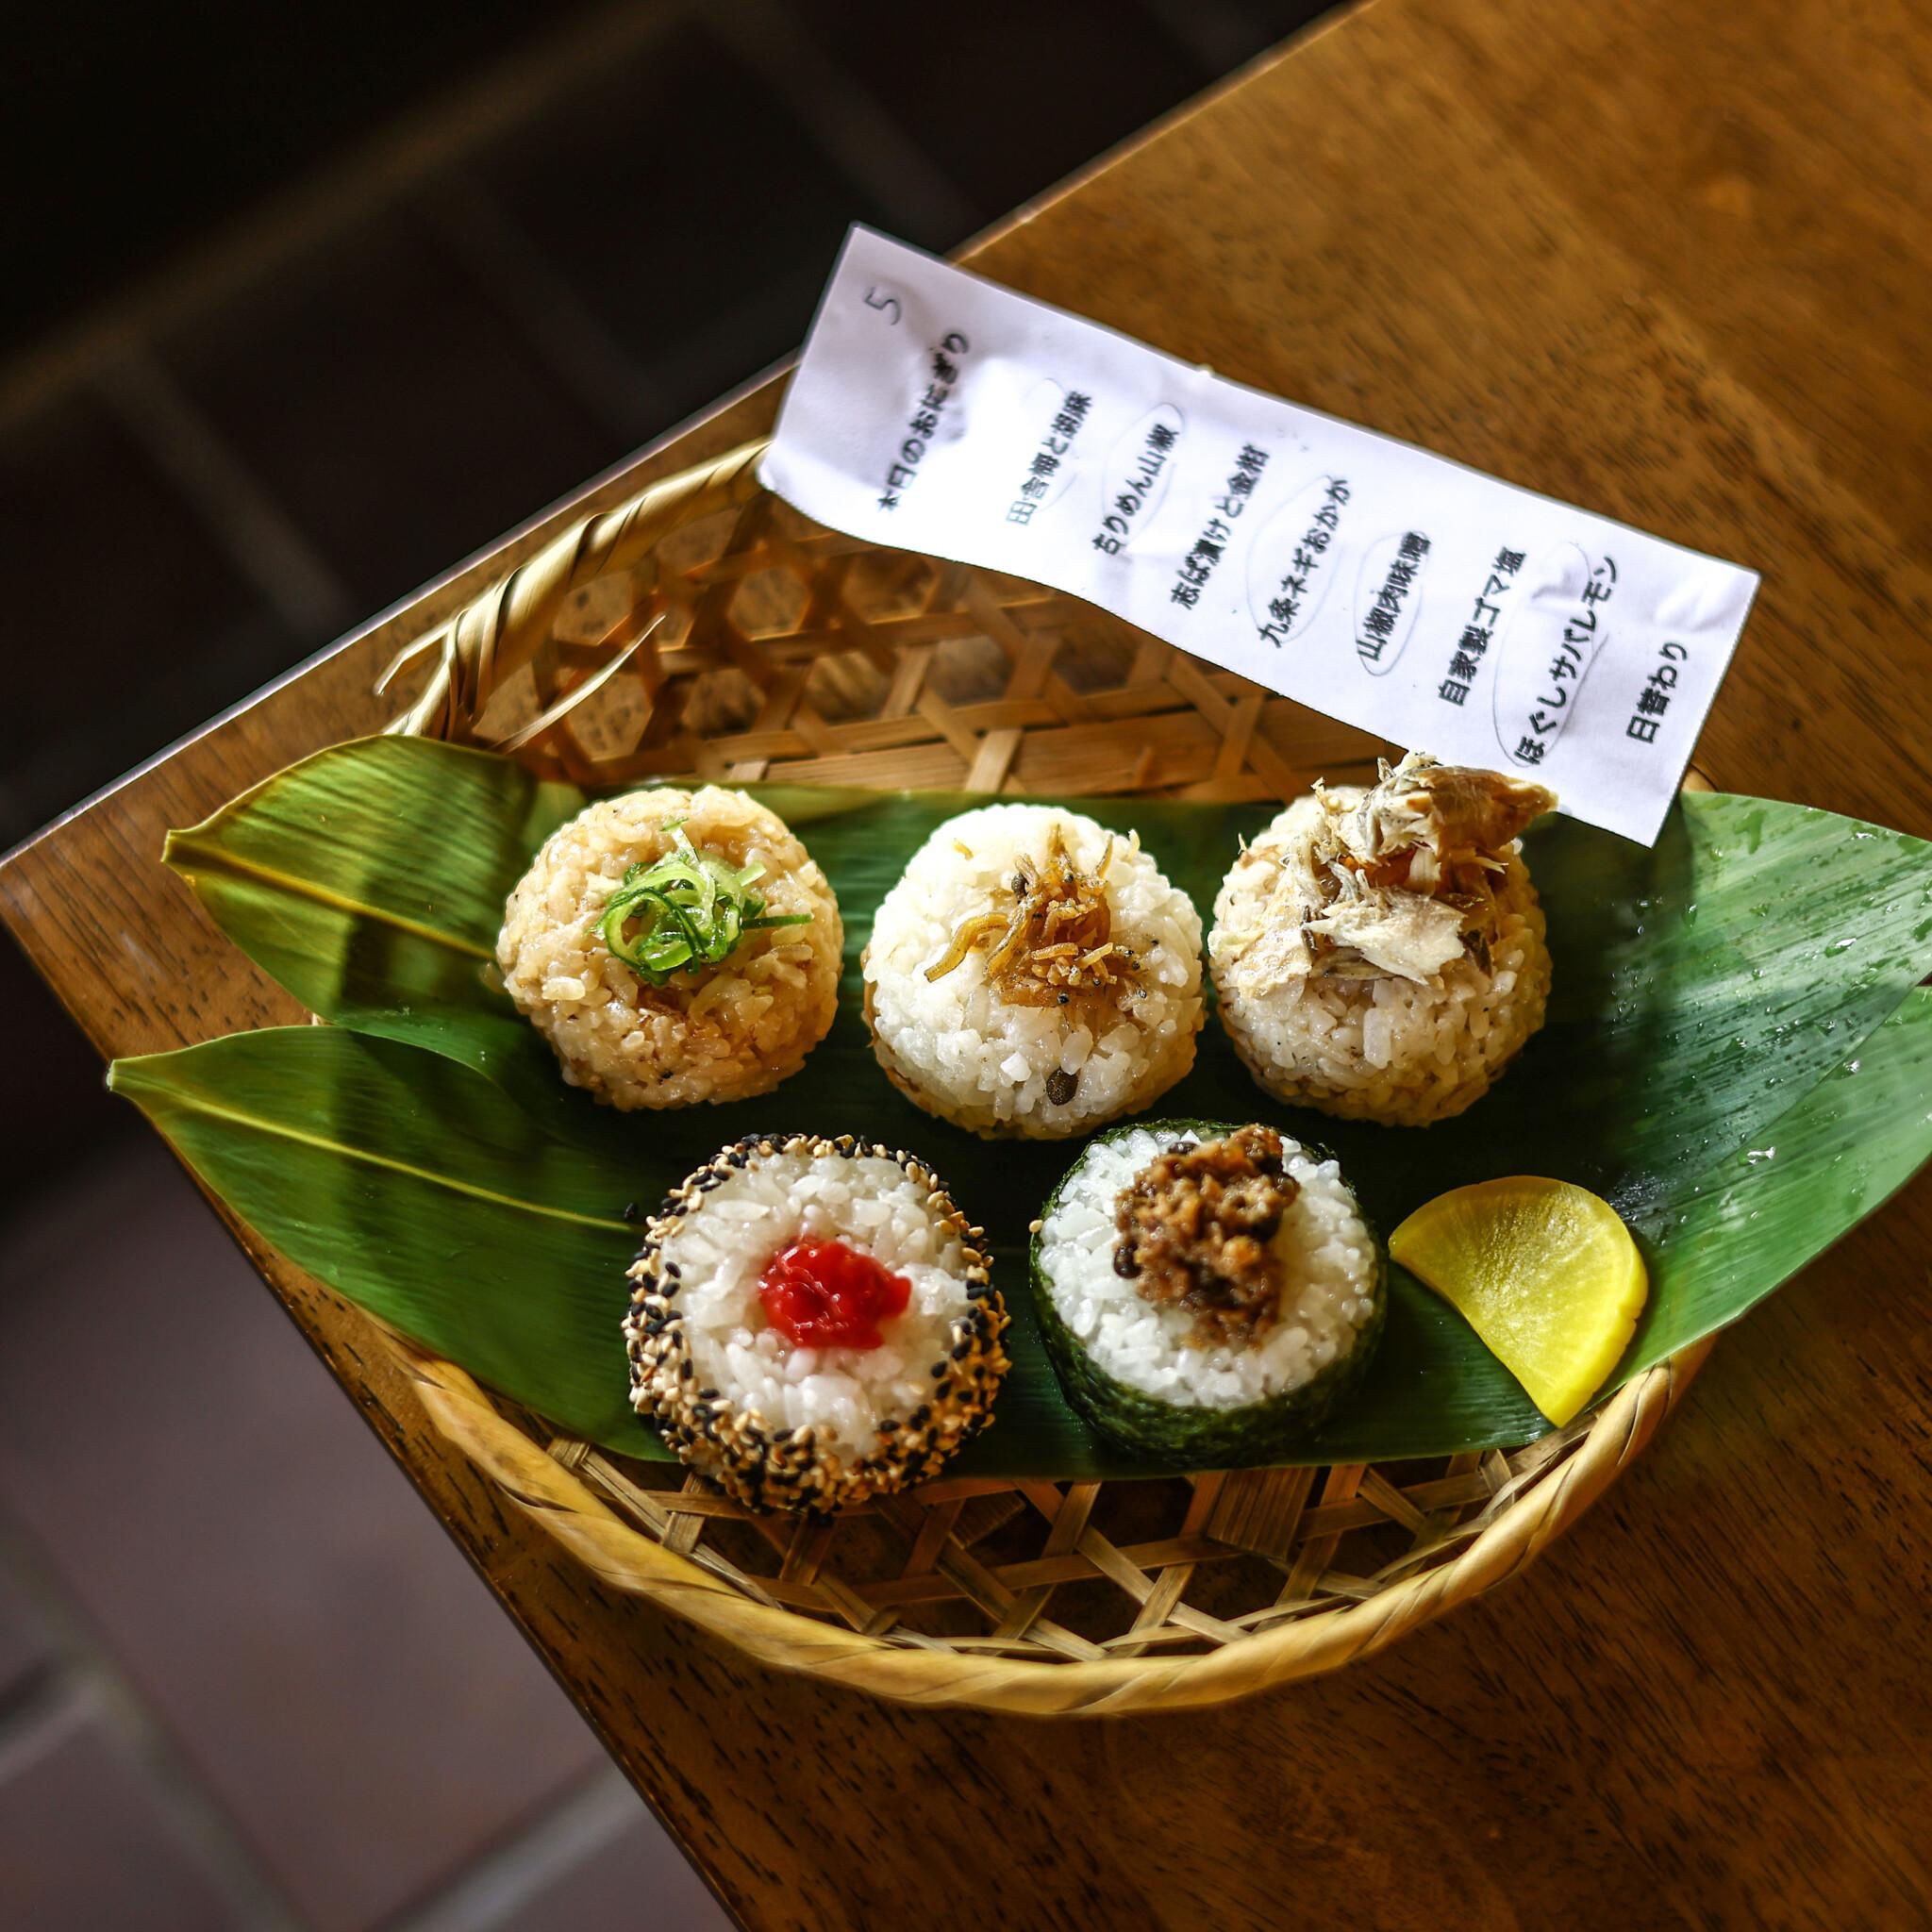 【京都】大自然に囲まれた〈大原リバーサイドカフェ 来隣〉でいただく絶品おにぎりランチ。~カフェノハナシ in KYOTO〜